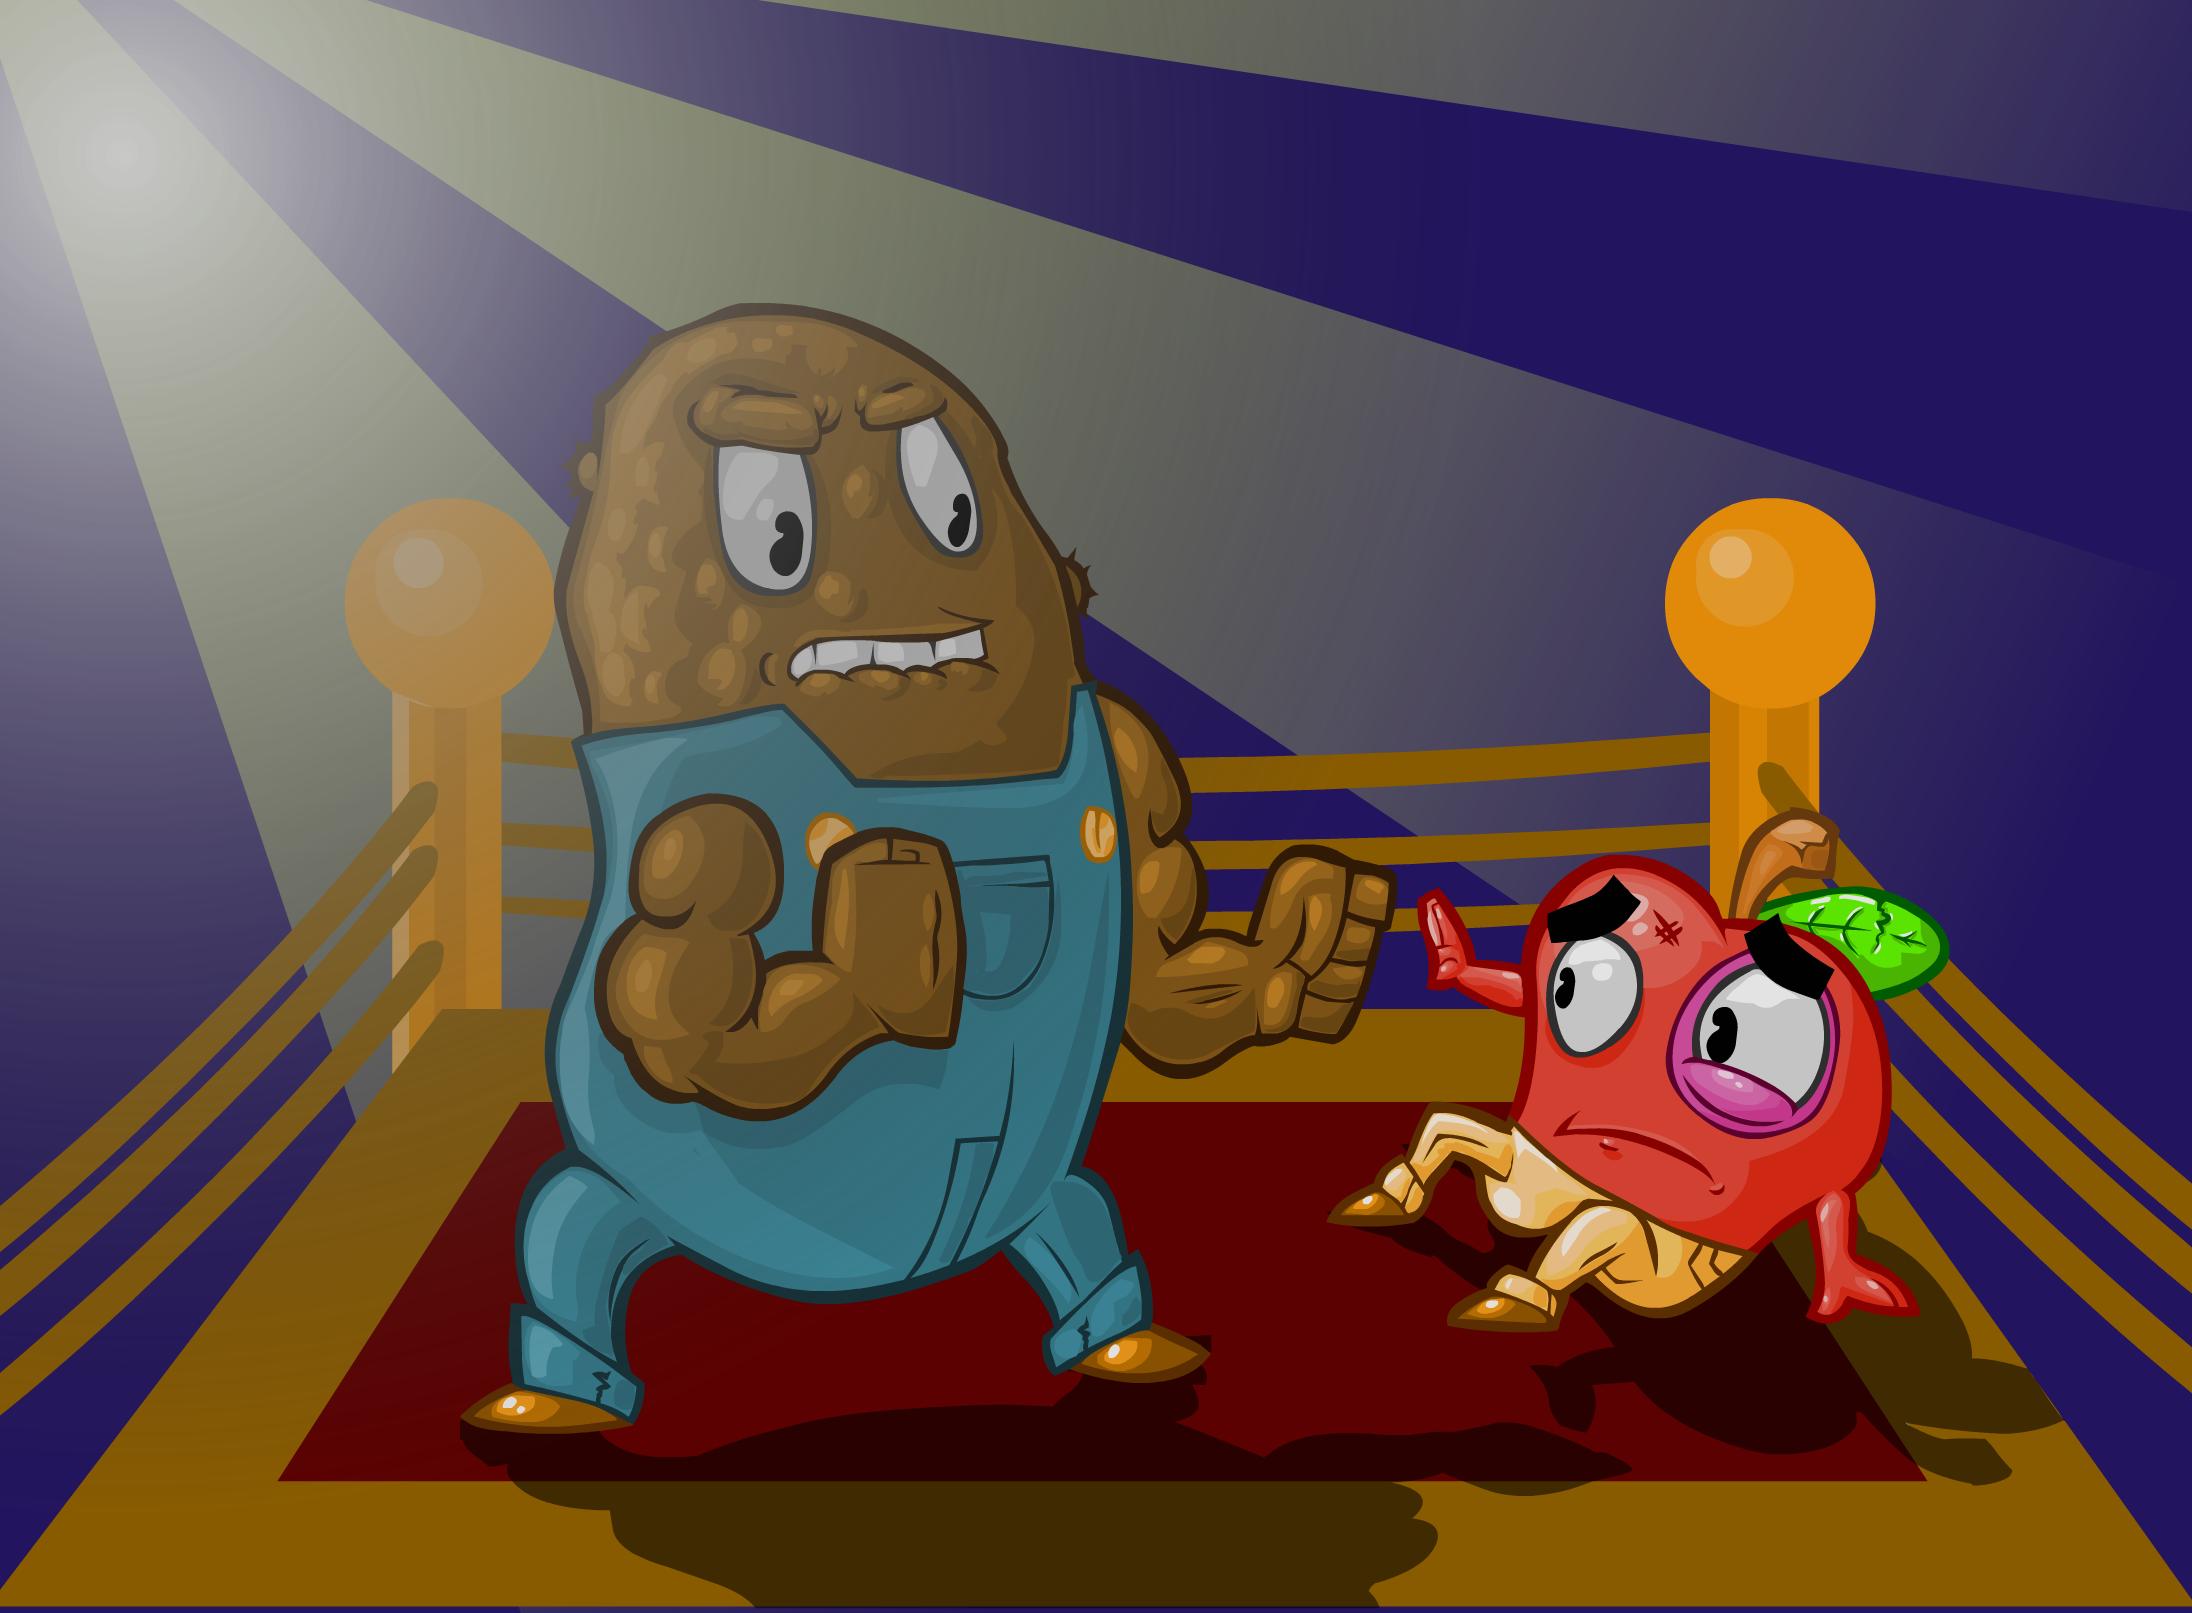 Potato vs. Apple